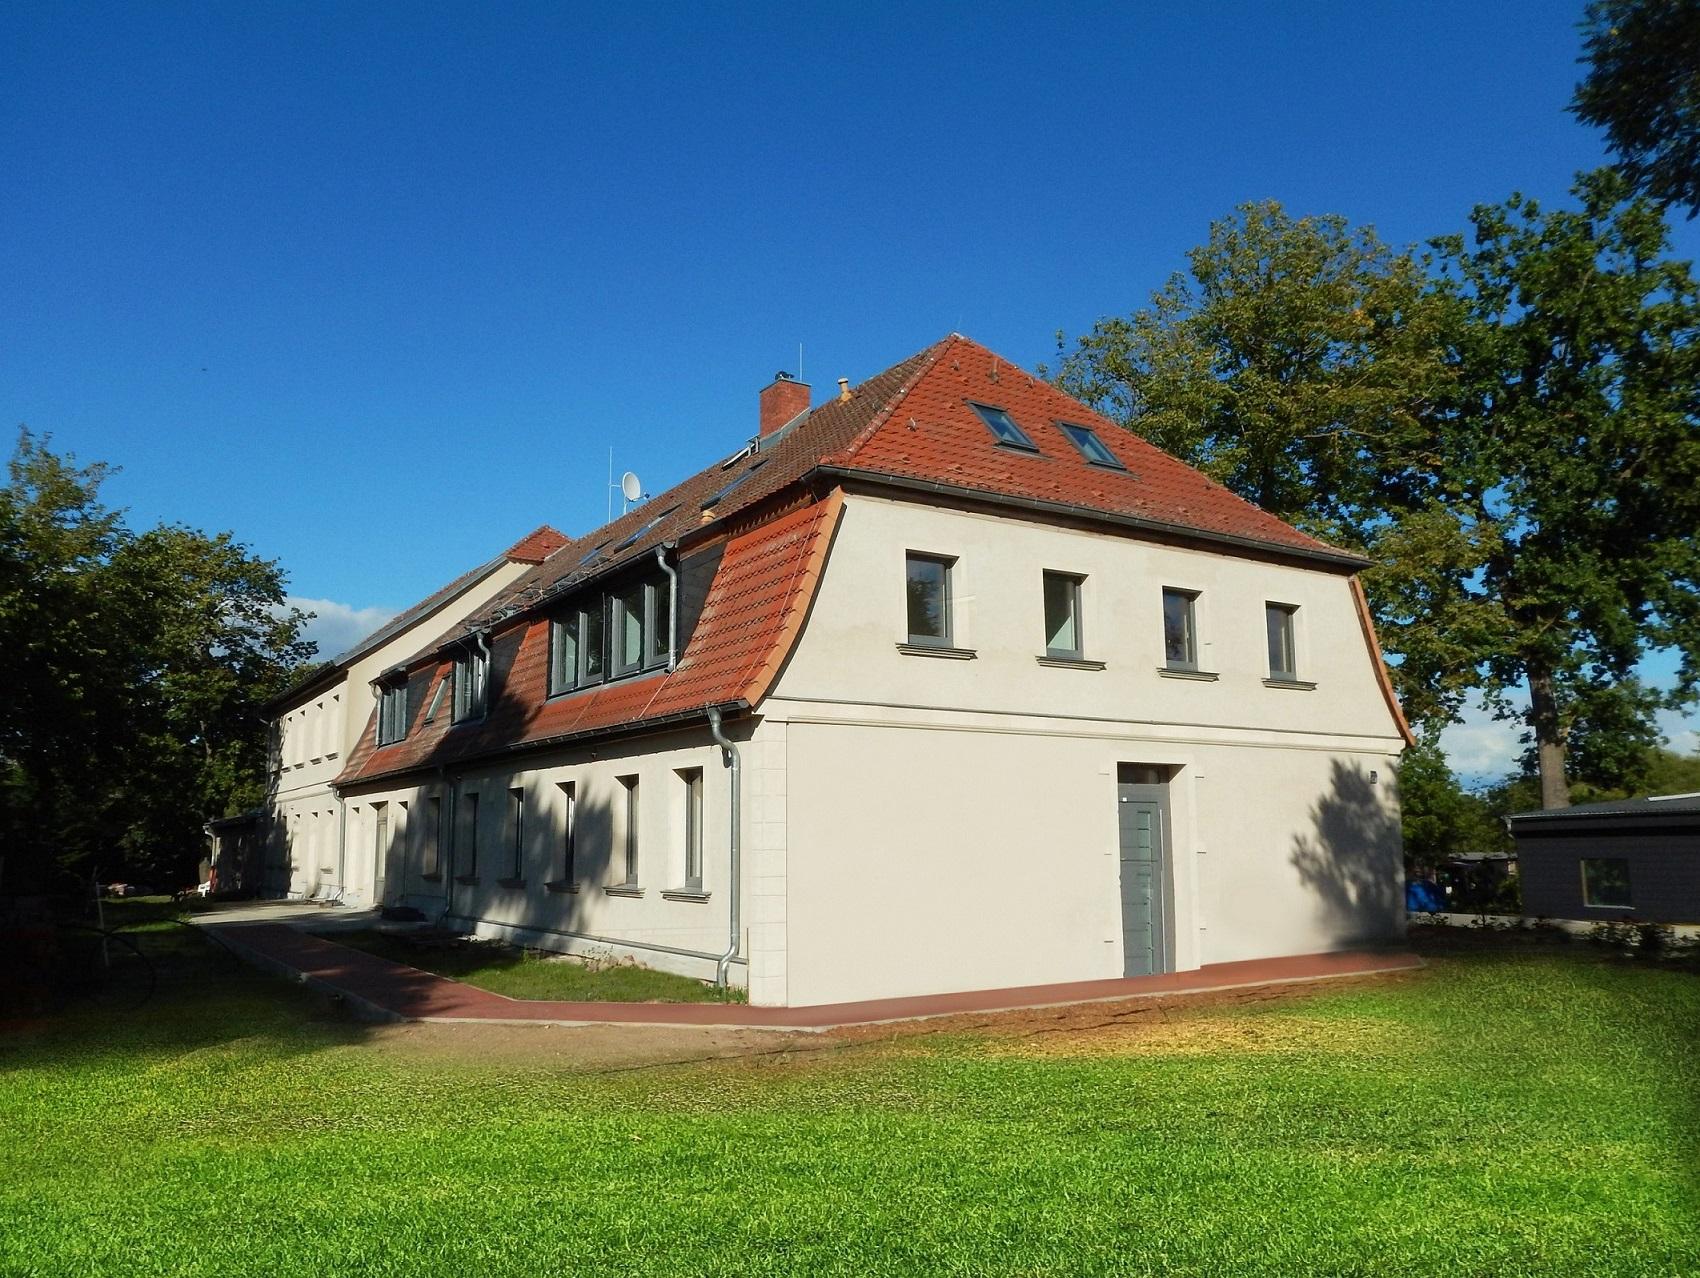 Barrierefreies und betreutes Wohnen in kernsaniertem Gutshaus